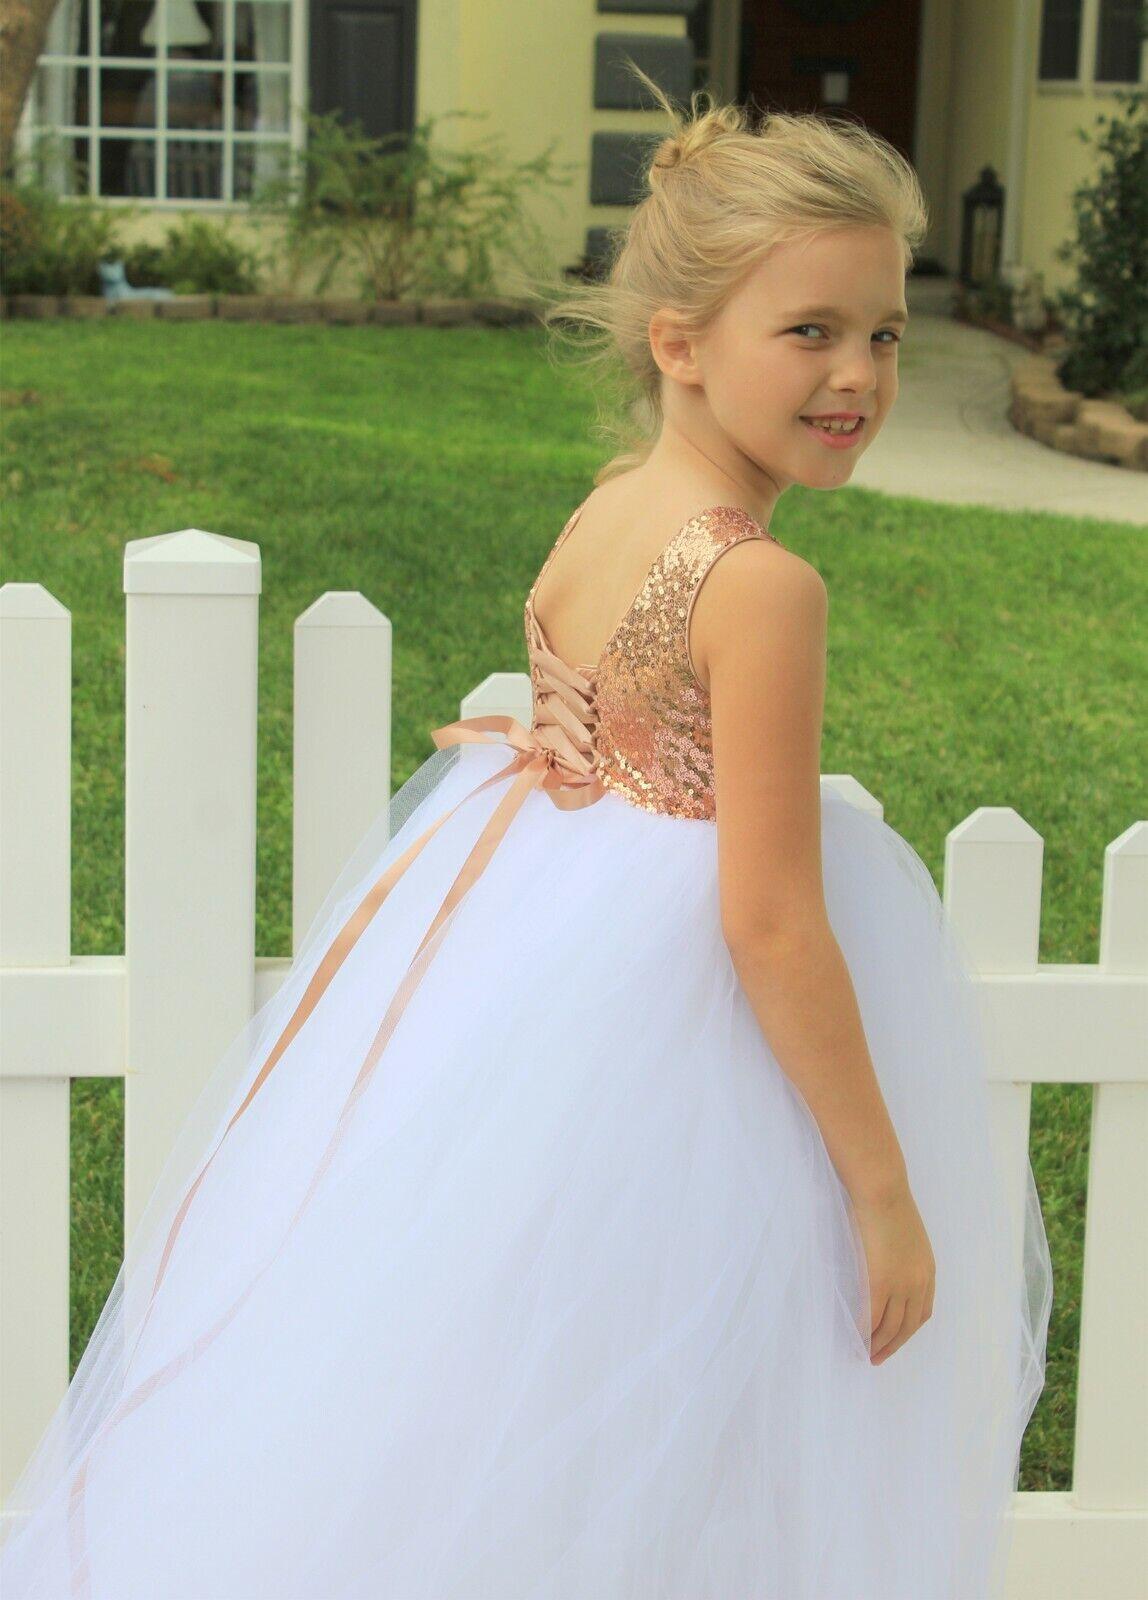 Corset Tutu Flower Girl Dress Tulle Dresses Girls Dresses Birthday Dress Baptism